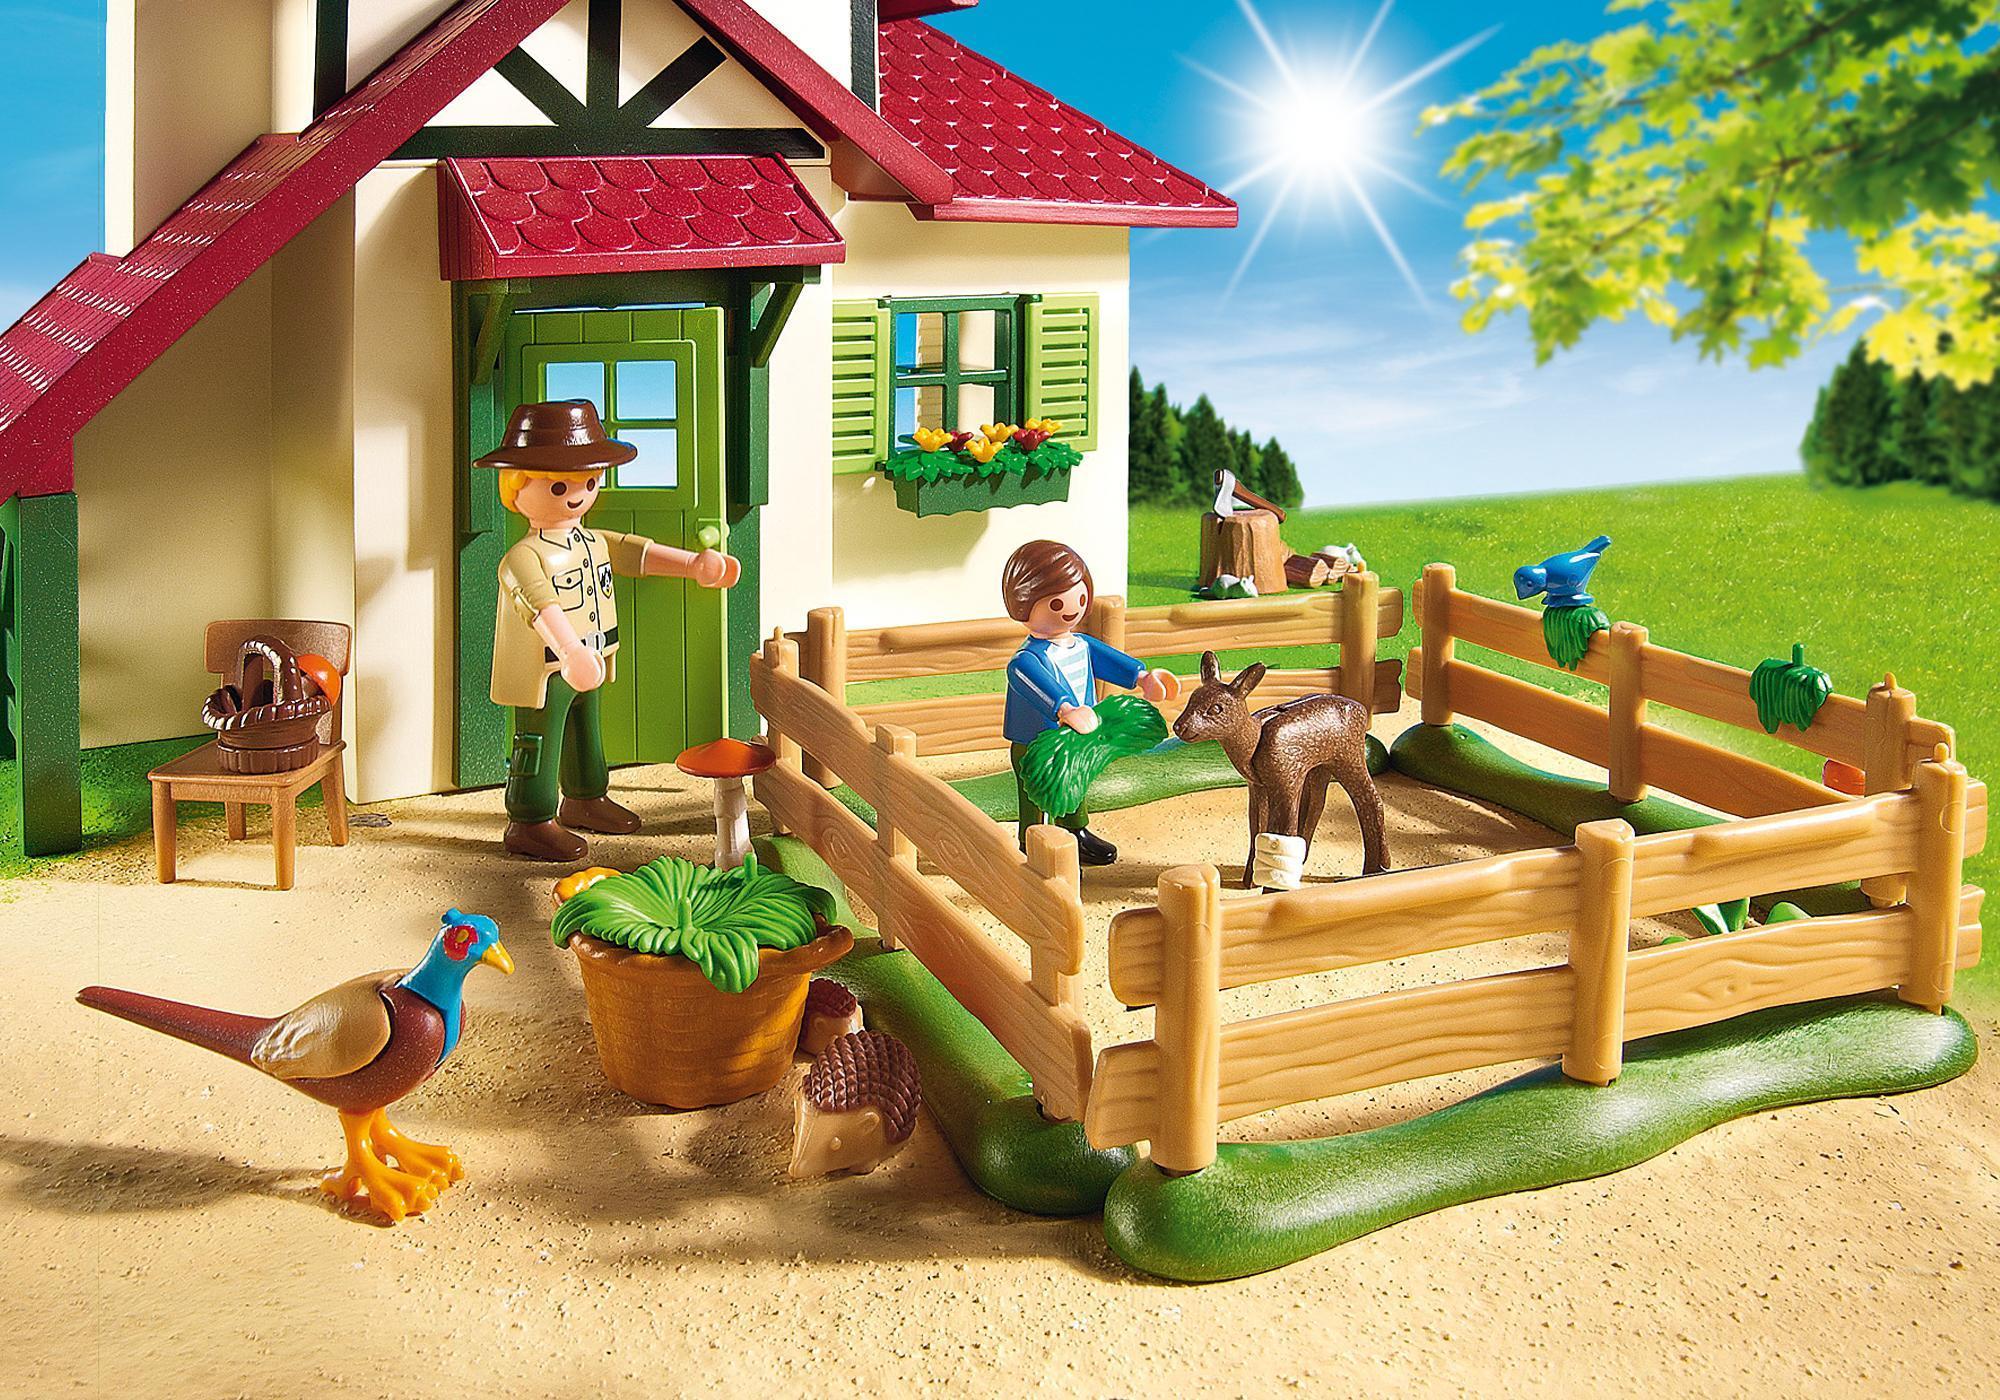 http://media.playmobil.com/i/playmobil/6811_product_extra2/Casa del Bosque